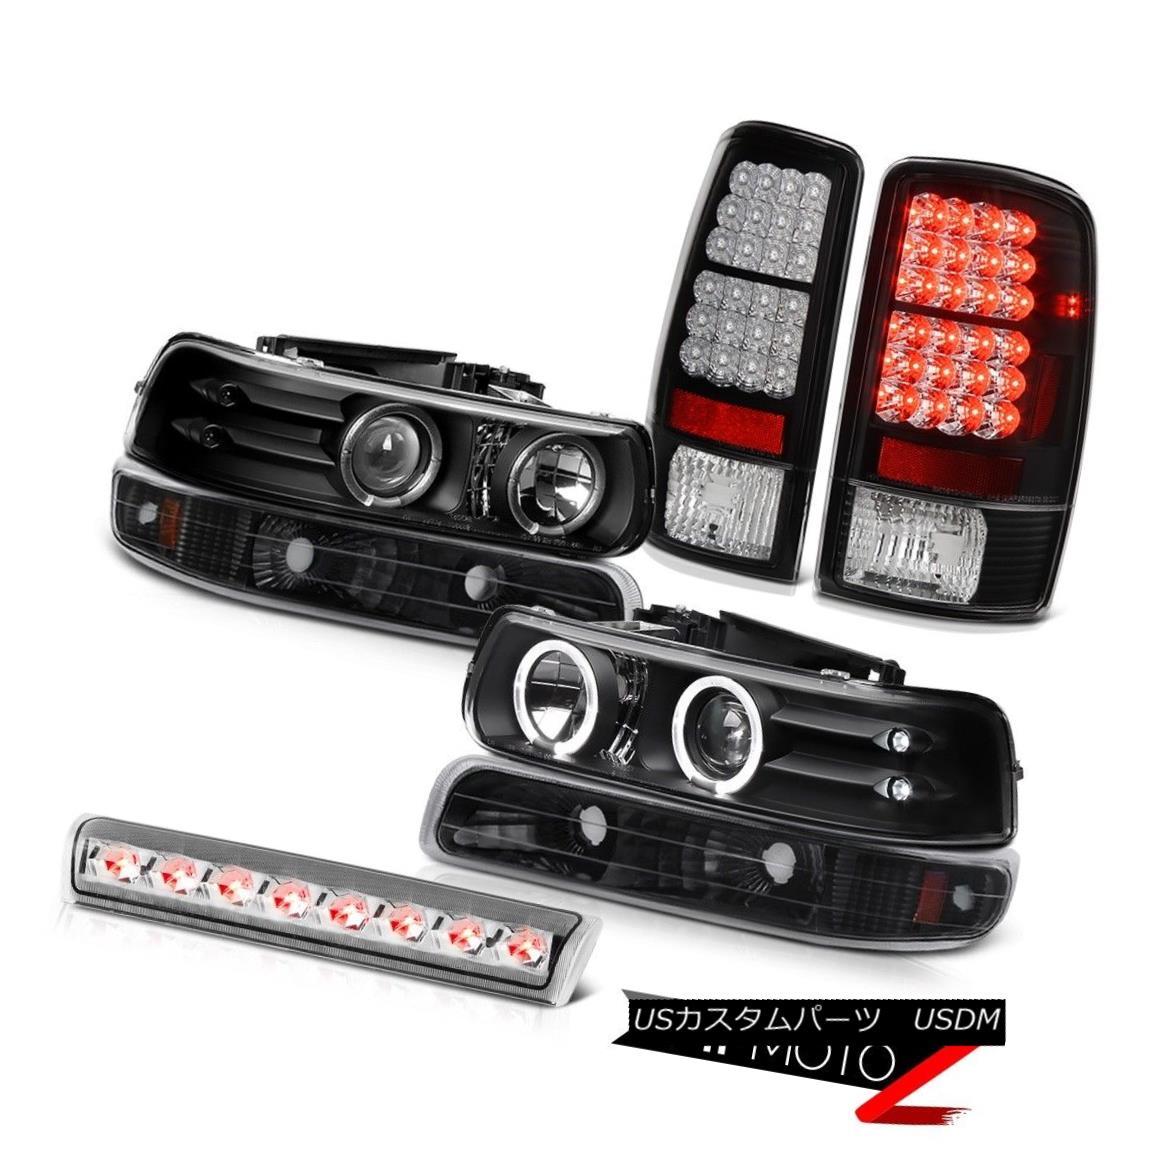 テールライト LED Projector Headlight Tail Lights Third Cargo 00 01 02 03 04 05 06 Suburban LS LEDプロジェクターヘッドライトテールライト第3貨物00 01 02 03 04 05 06郊外LS